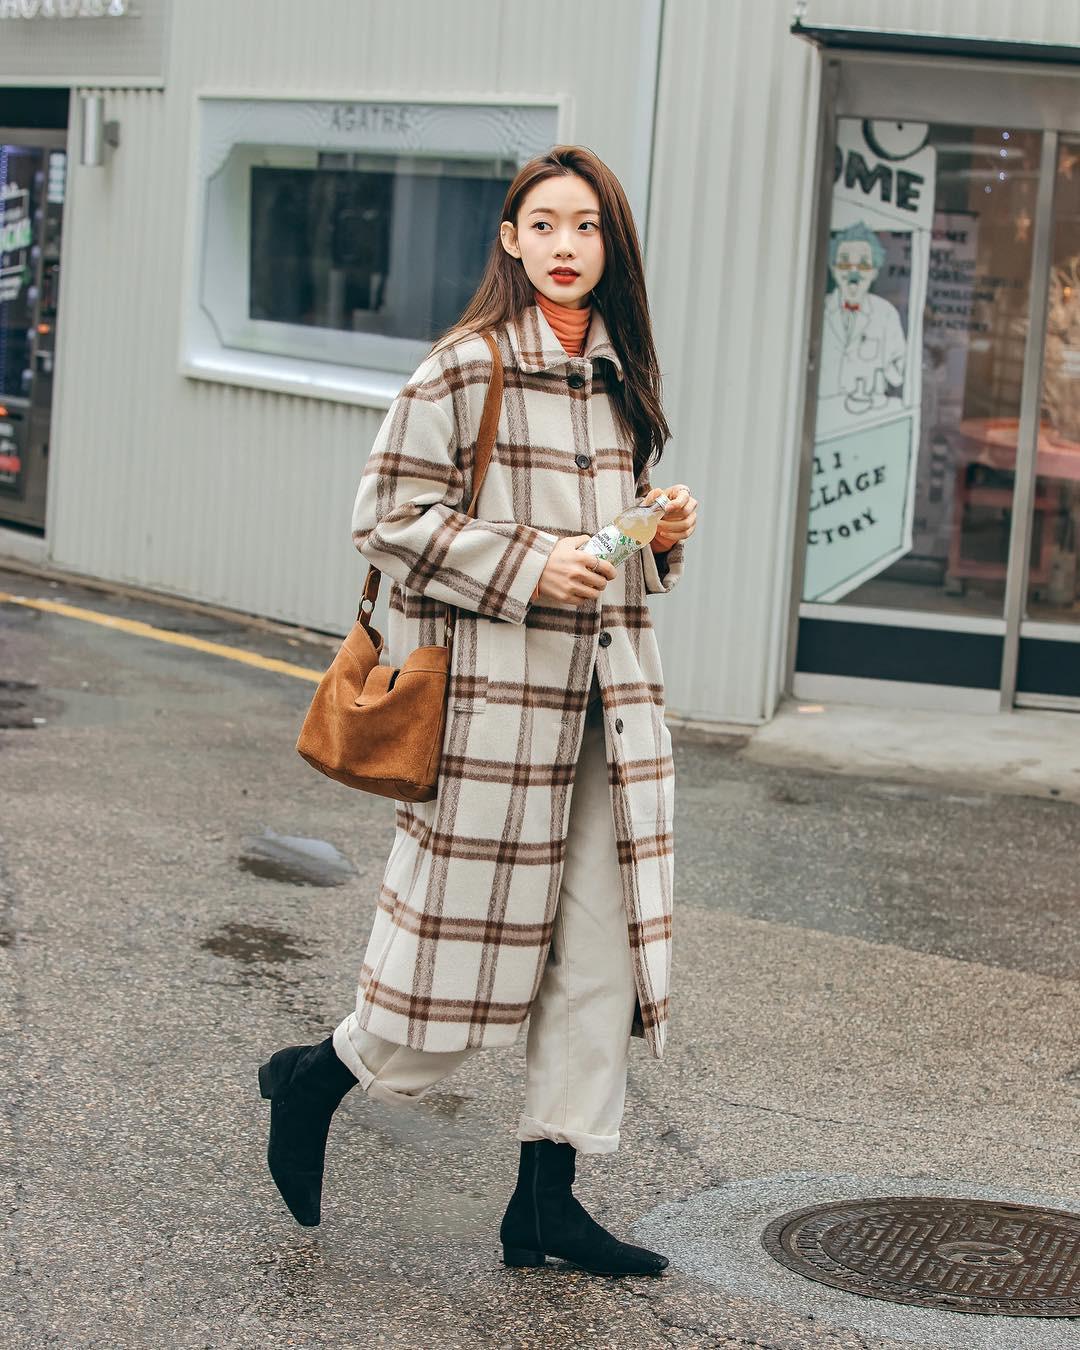 Nếu đã chán cách ăn mặc basic, bạn hãy xem ngay street style không đụng hàng mà lại dễ áp dụng của Hàn - Ảnh 7.